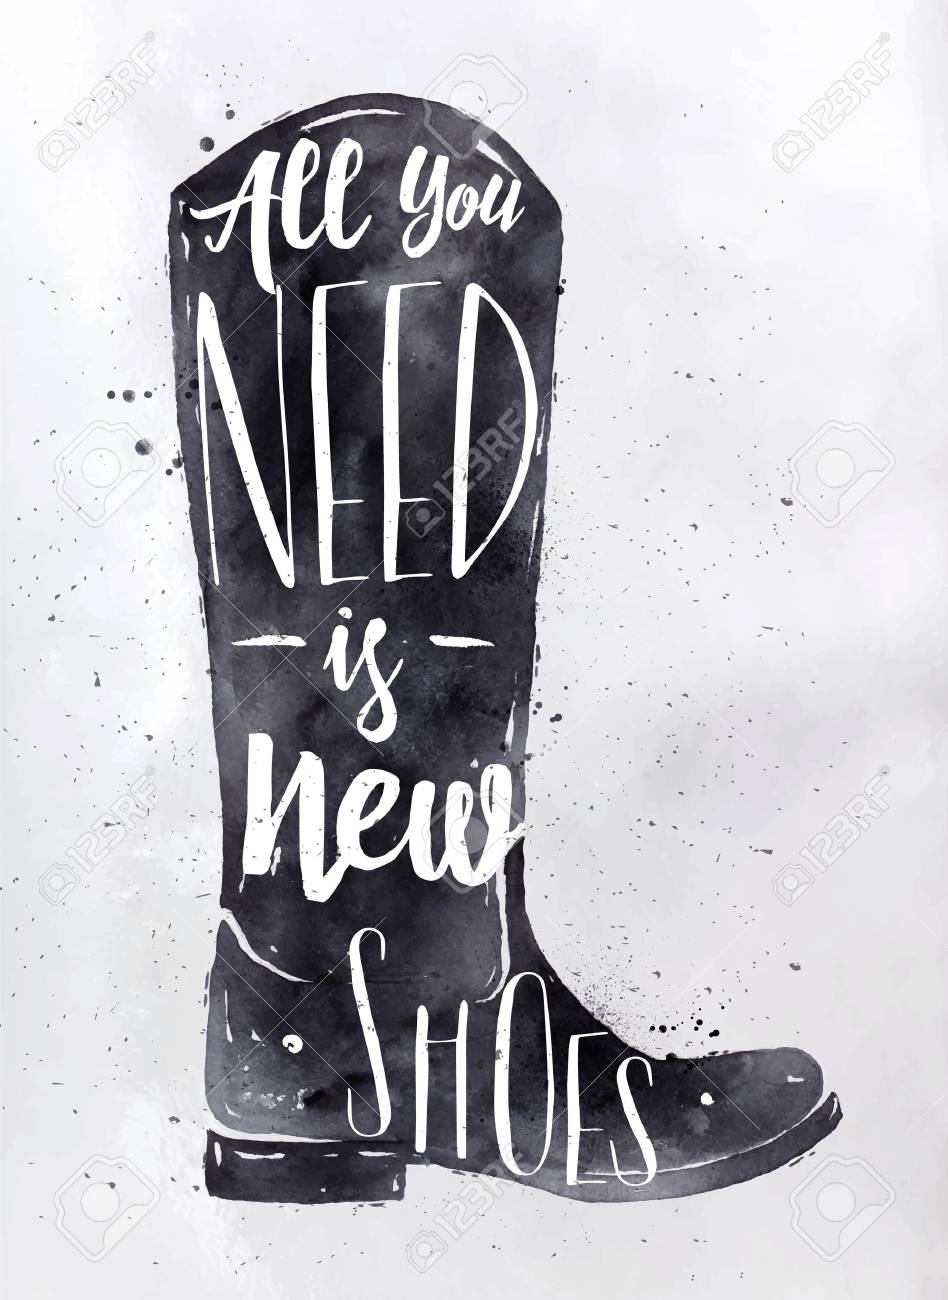 Archivio Fotografico - Stivali poster in retrò lettering stile vintage è  sufficiente disporre di scarpe nuove di disegno con inchiostro nero su  fondo carta ... 5207f71da46